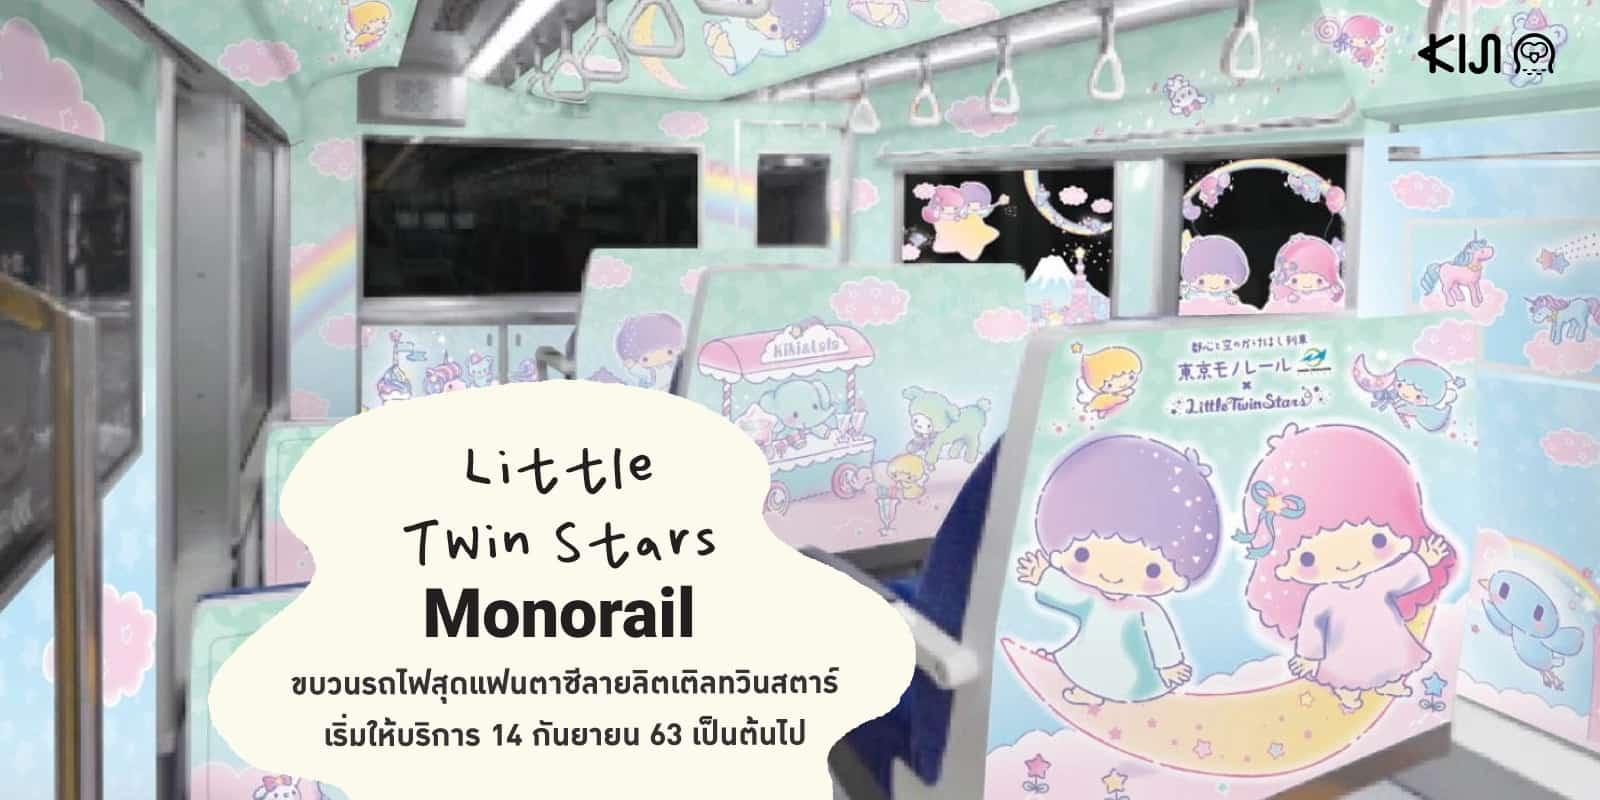 ความน่ารักของรถไฟ Little Twin Stars Monorail